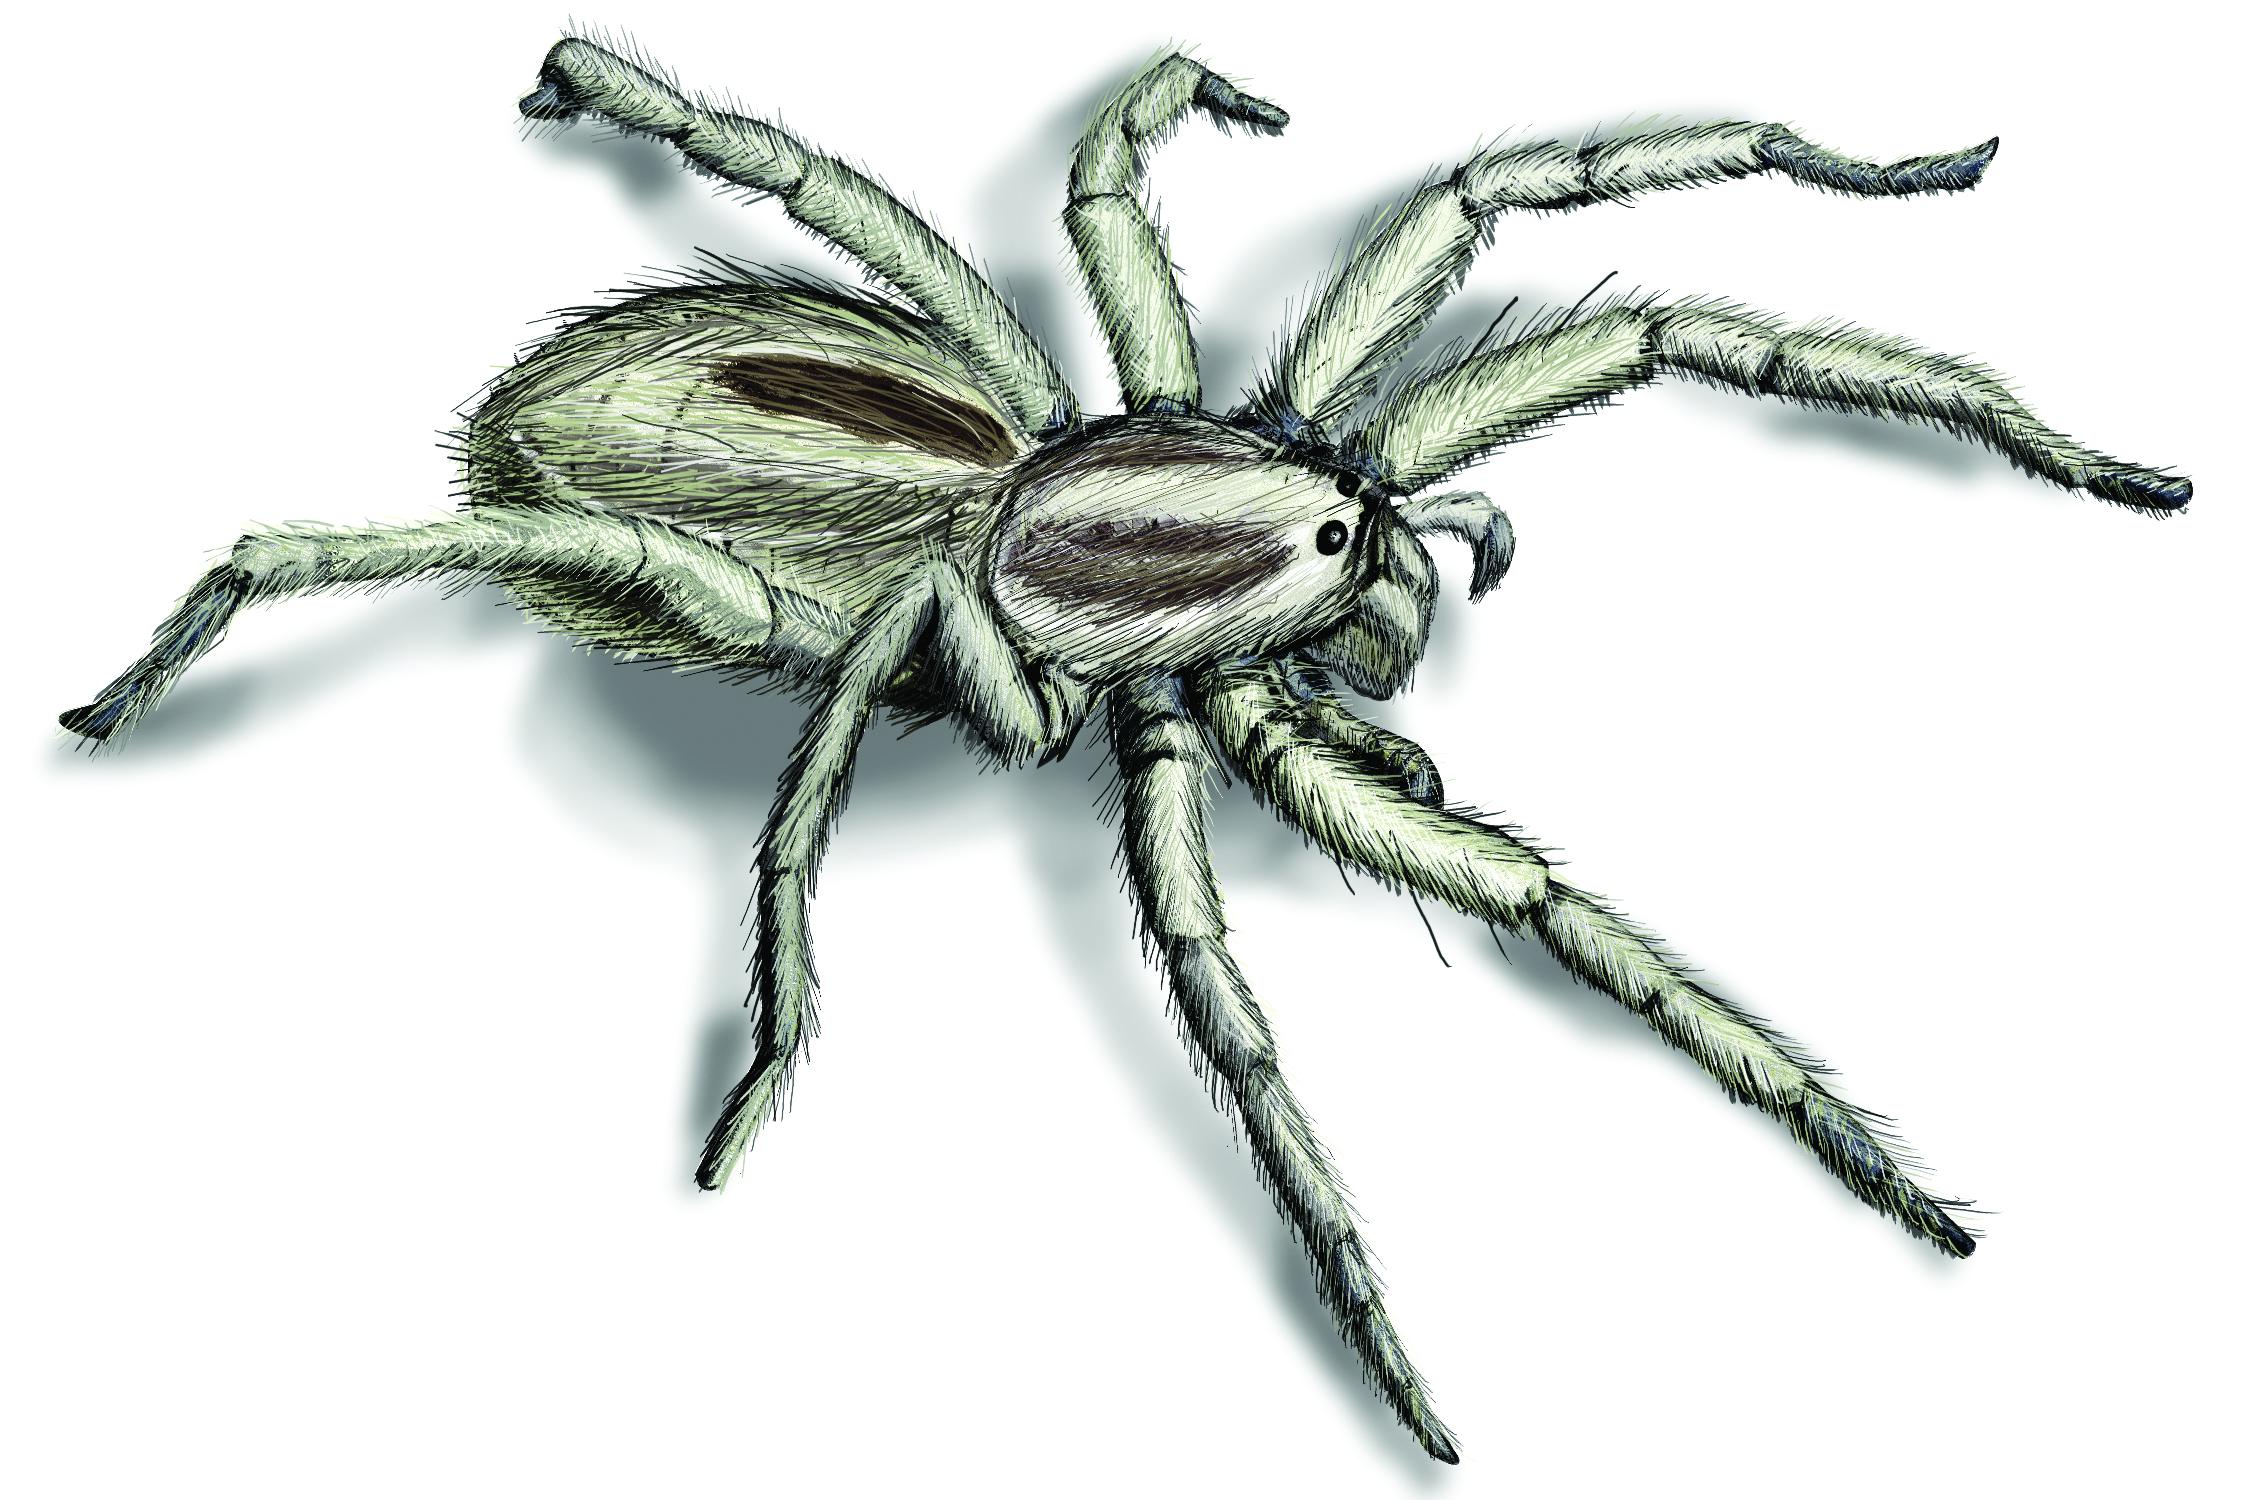 Spider Images & pix